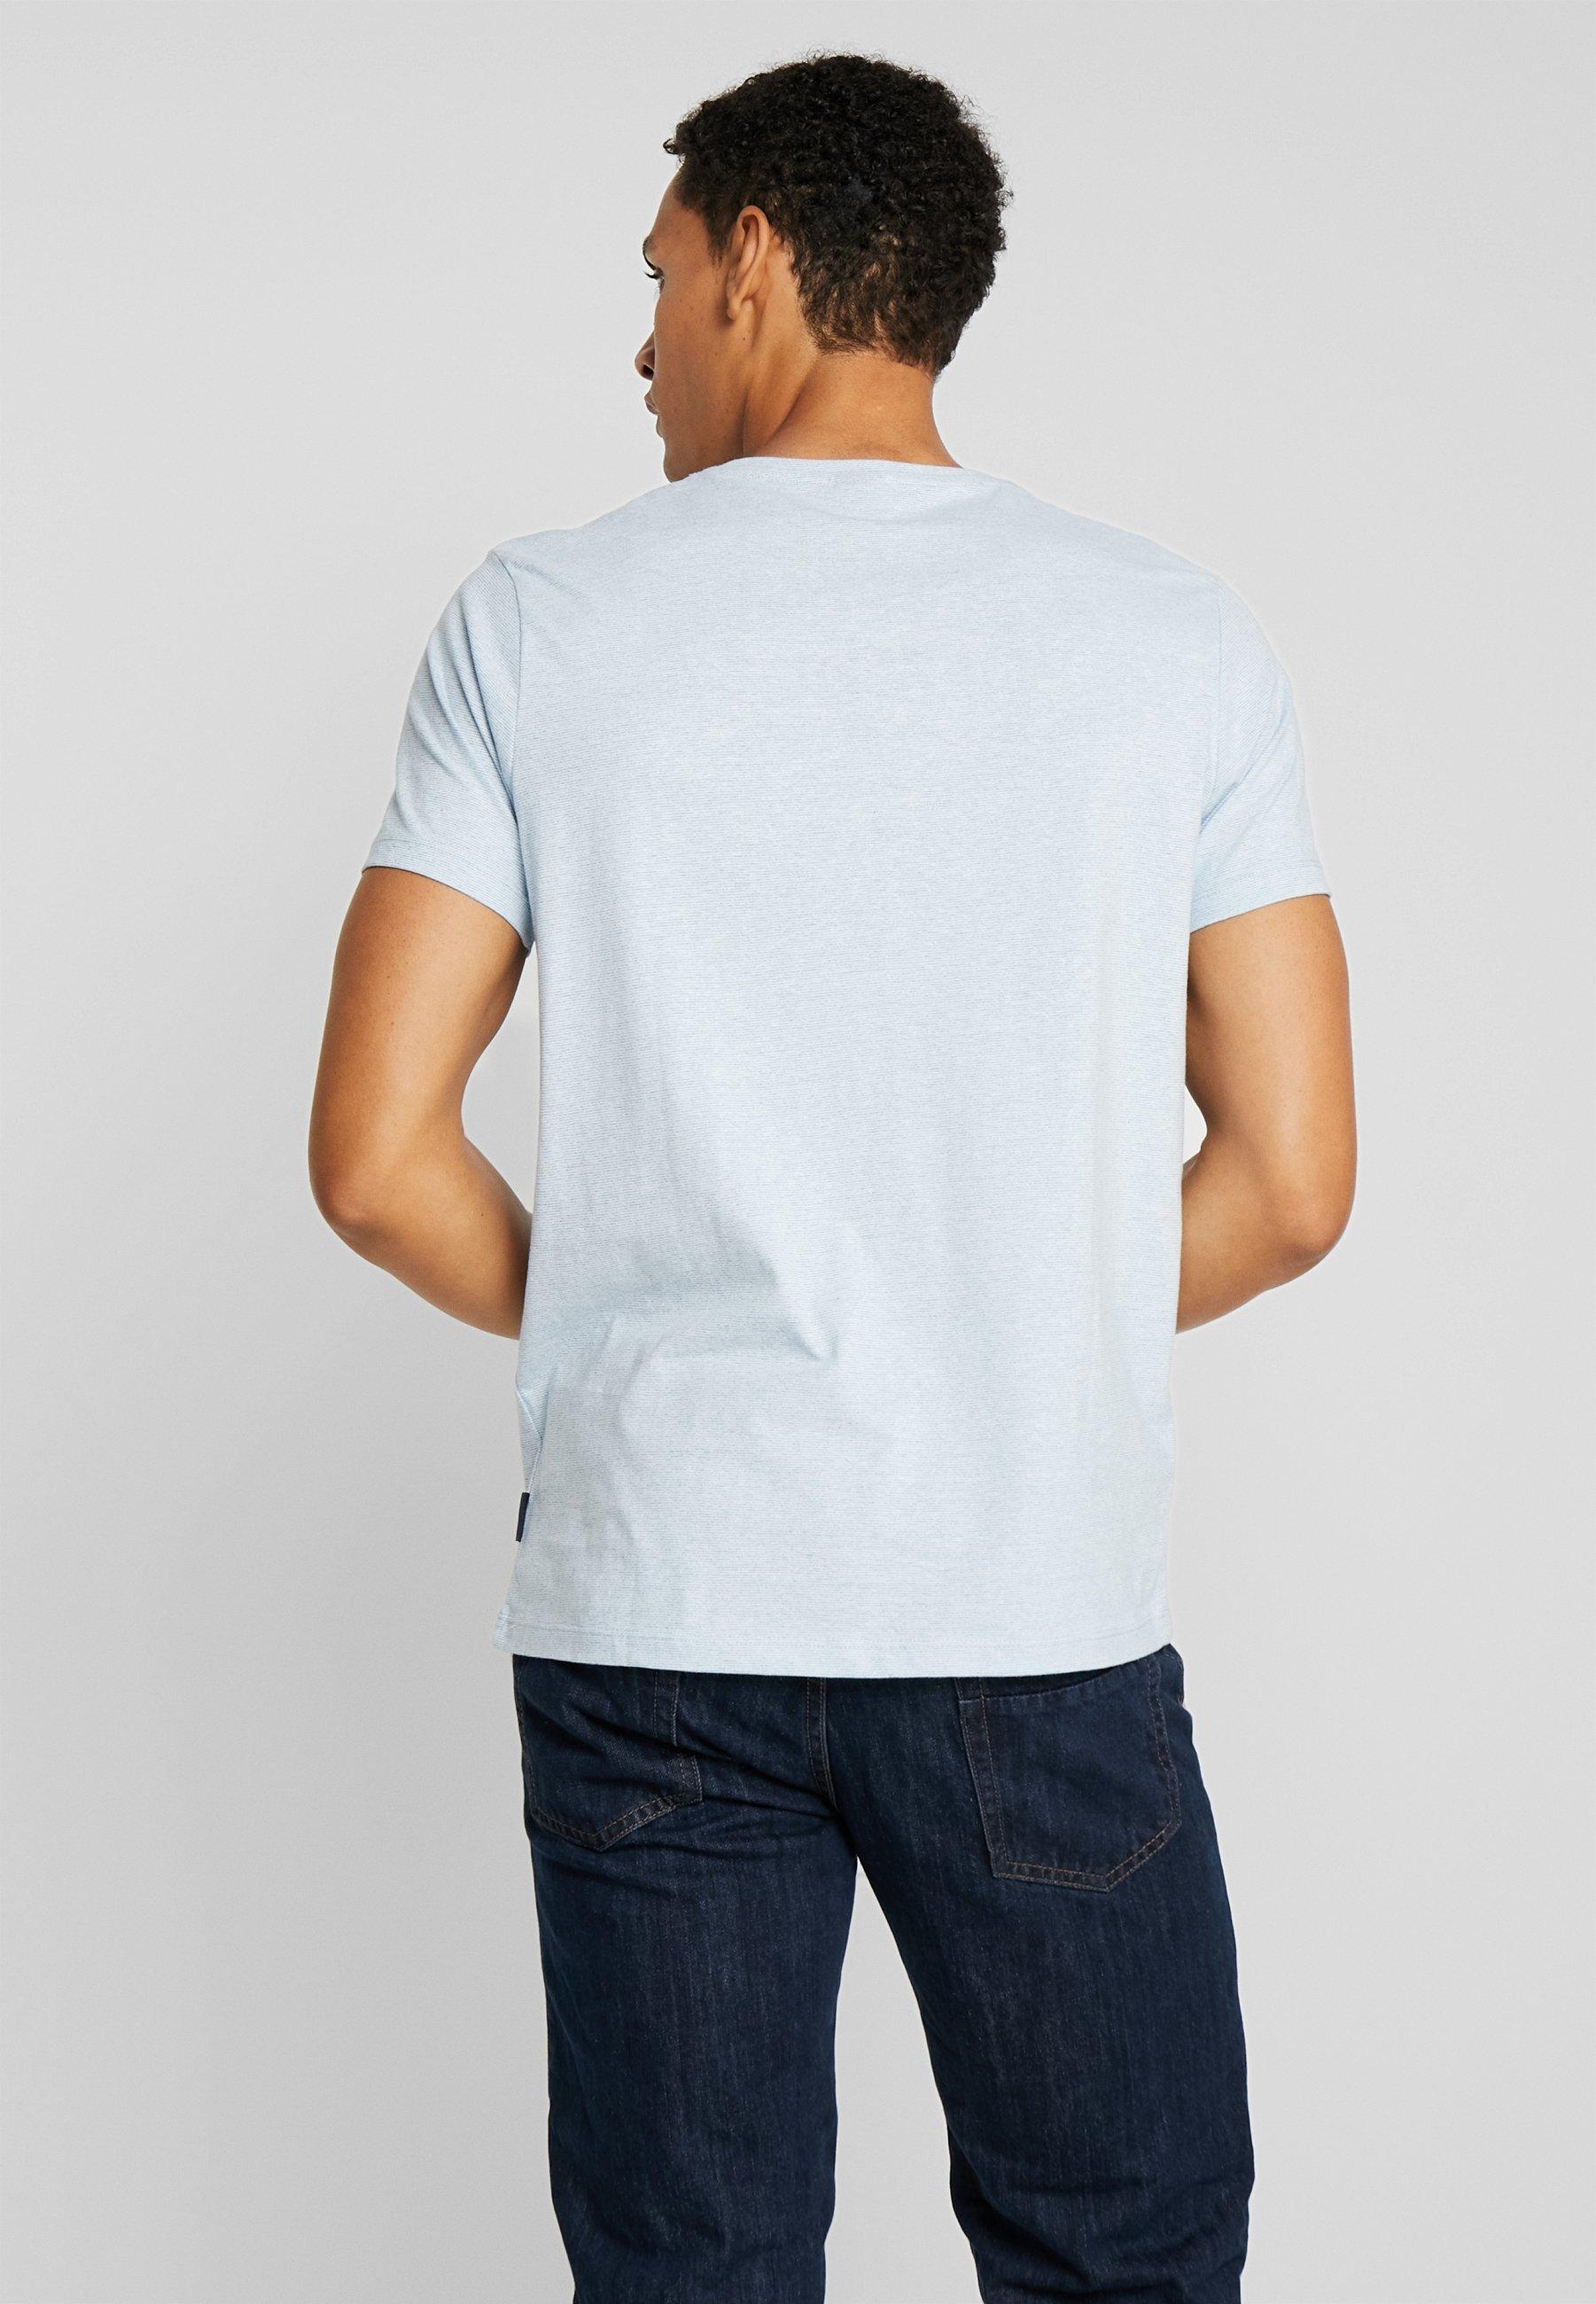 MicrostripeT shirt Blue Springfield Arbol Basique nk0wOP